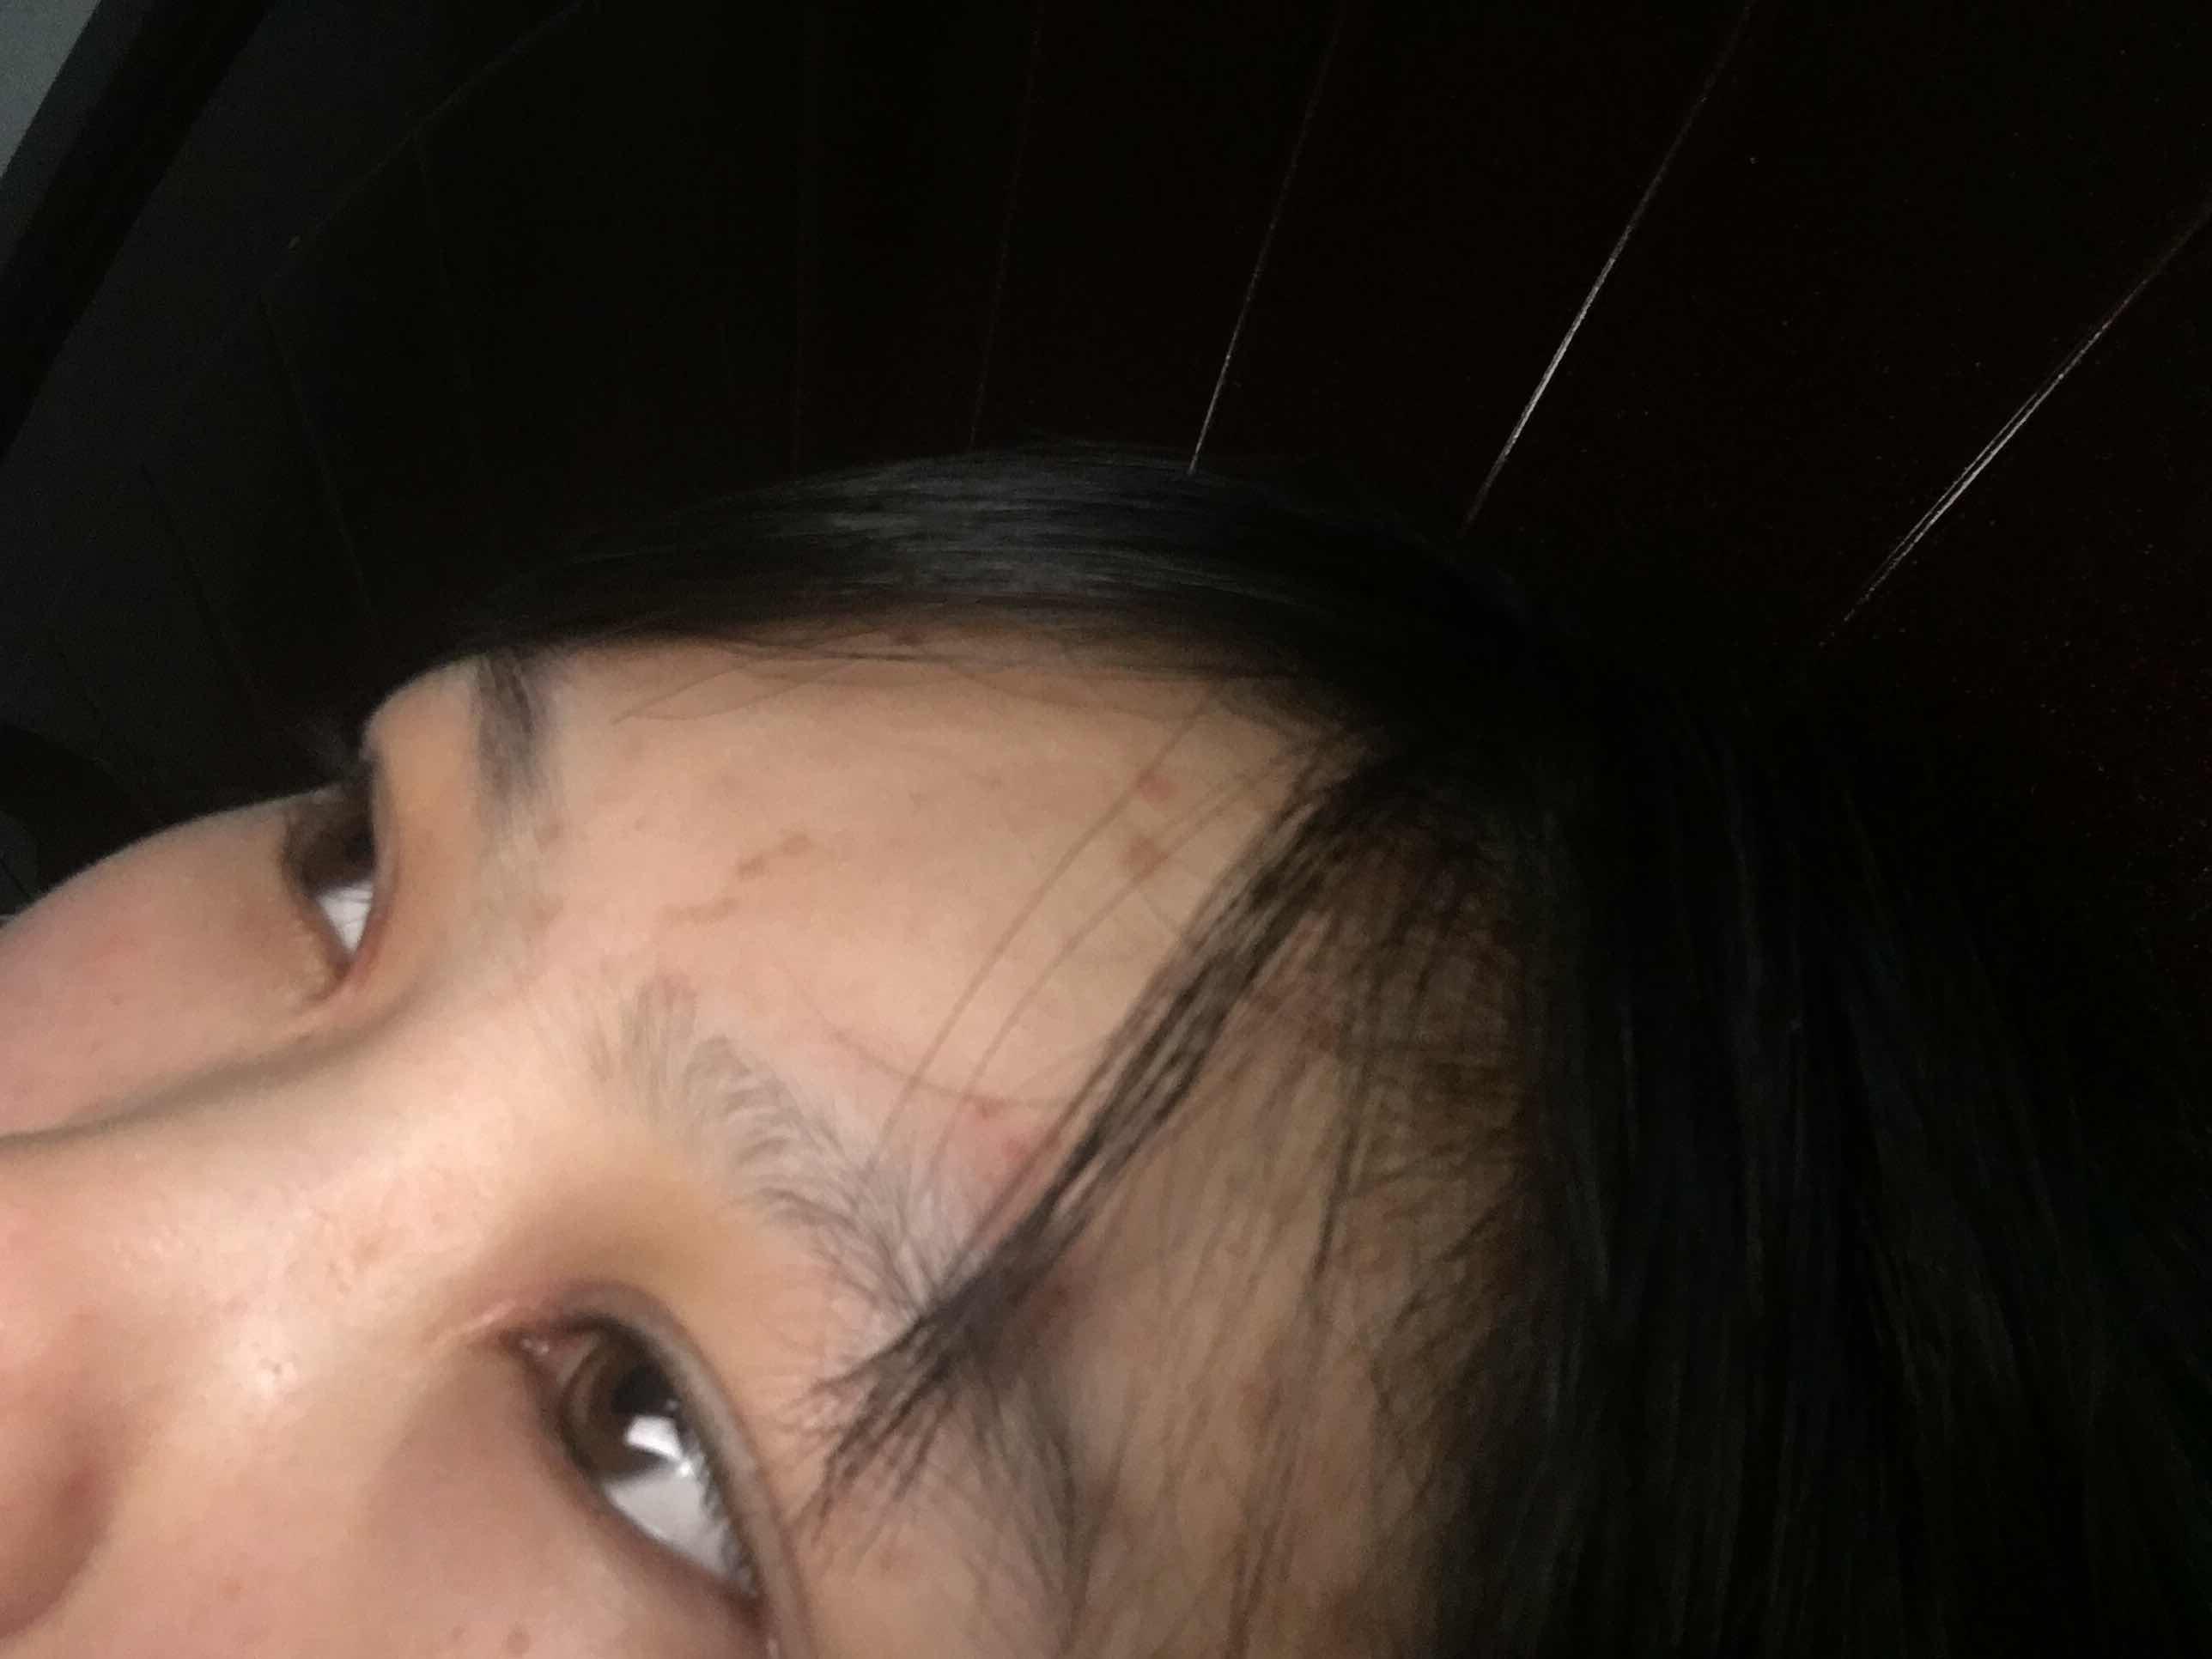 肿眼泡是怎么吸脂的?上眼皮吸脂 一个月了 还没有消肿 什么时候能消肿 怎么快速恢复